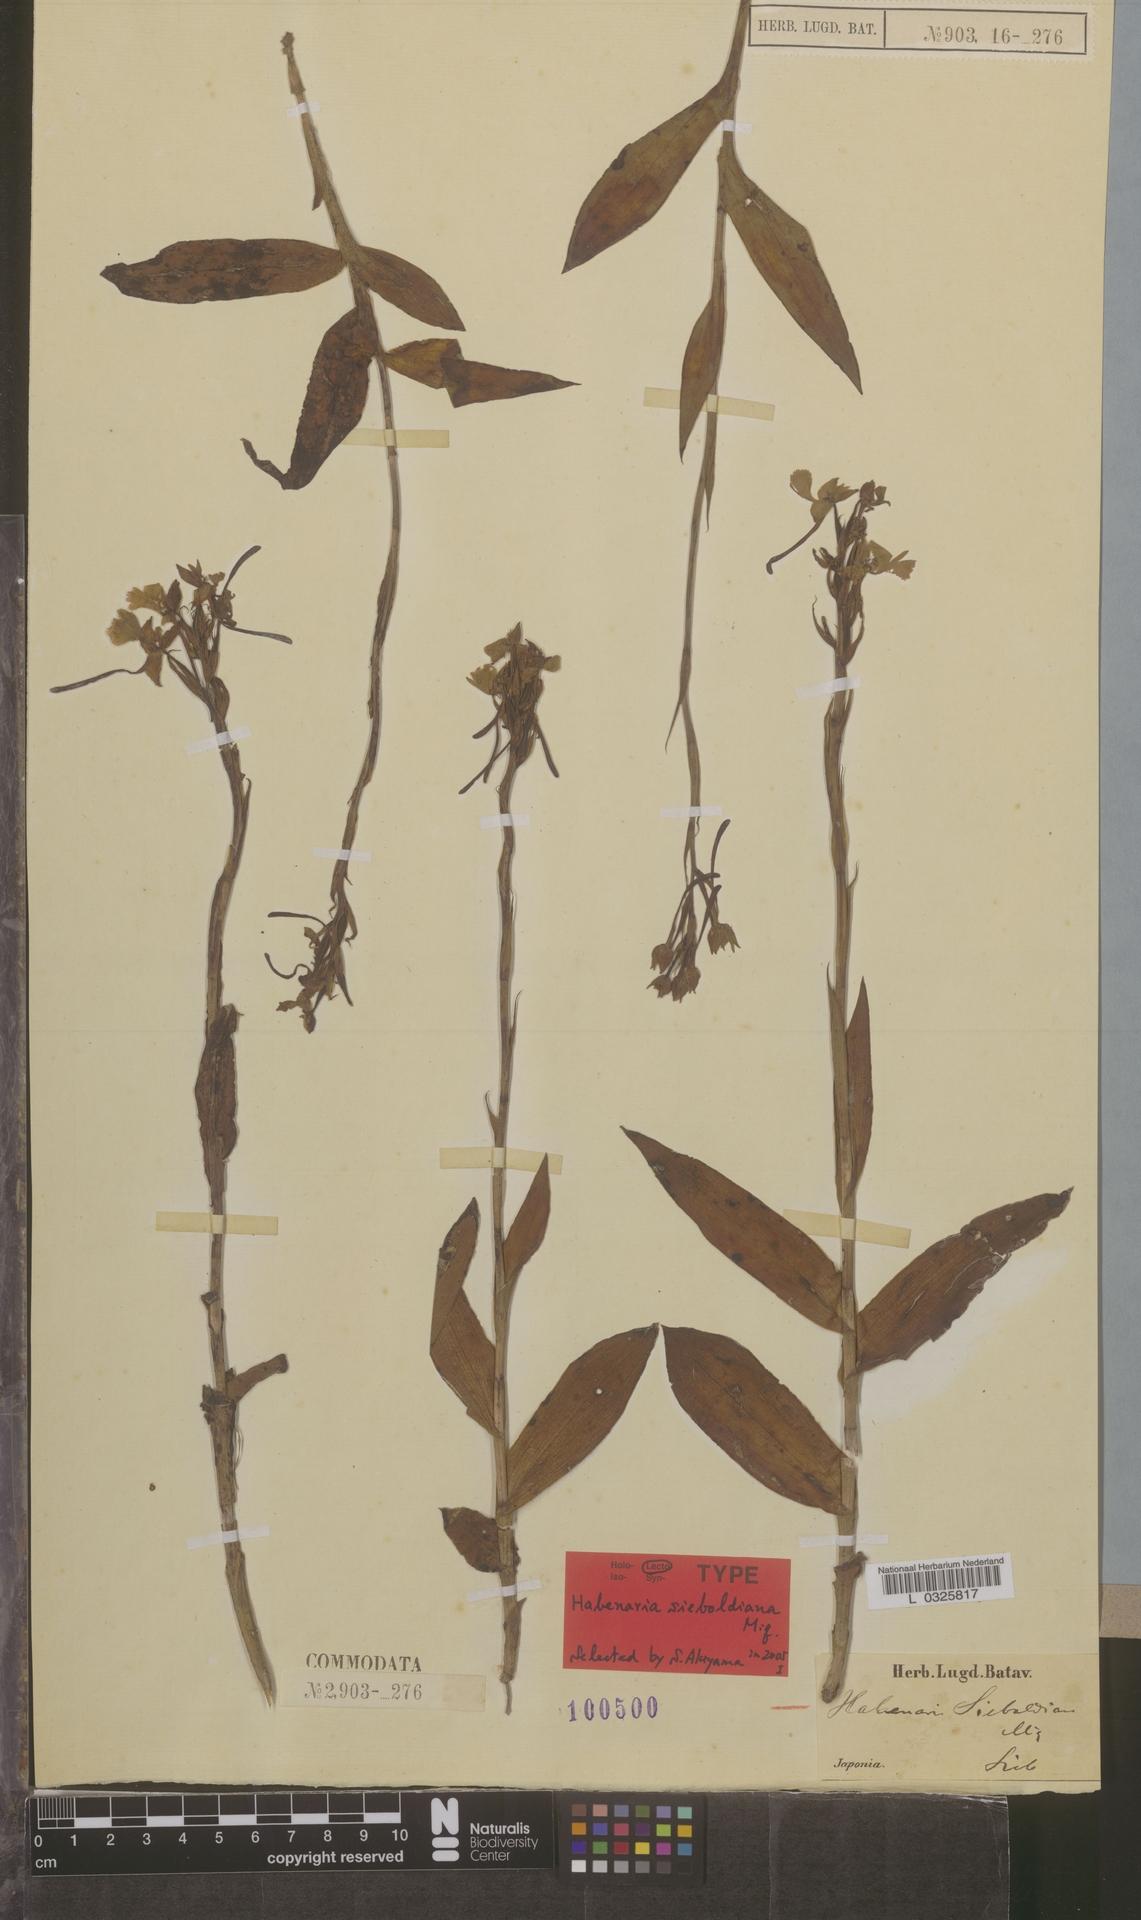 L  0325817 | Habenaria sieboldiana Miq.